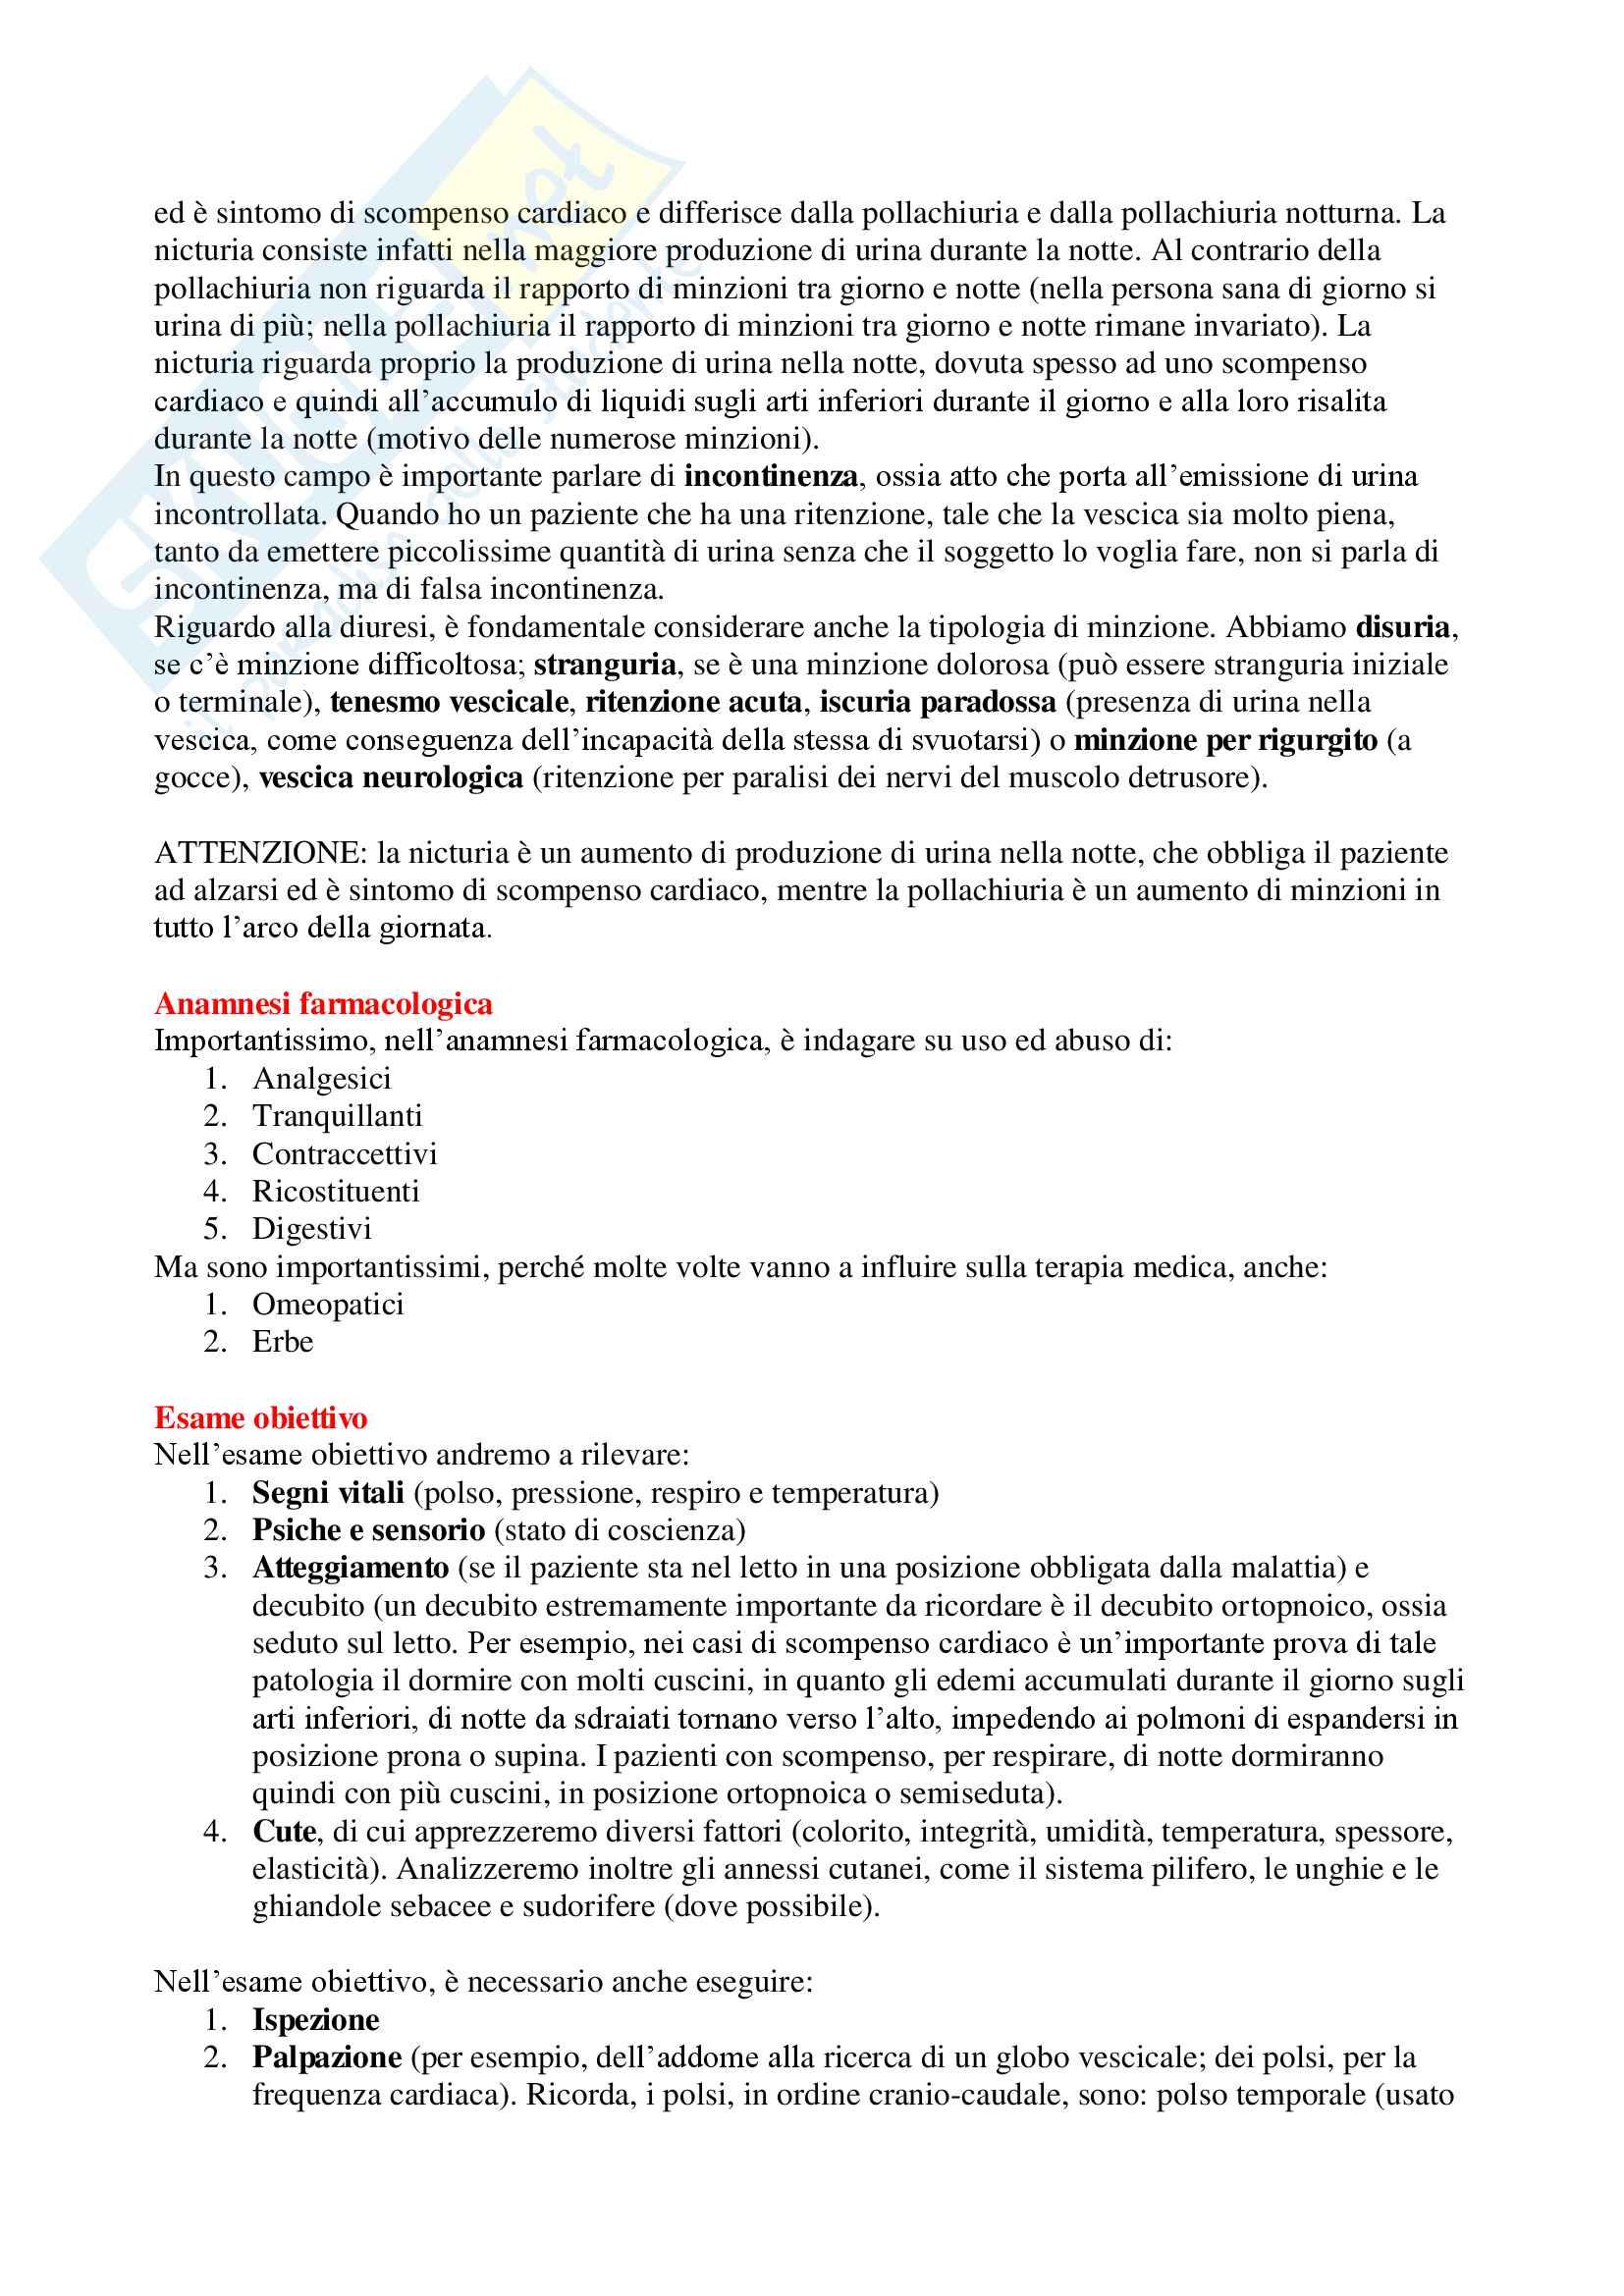 Medicina Interna (Patologie Apparato Cardiovascolare e Respiratorio) - Appunti Completi Pag. 2